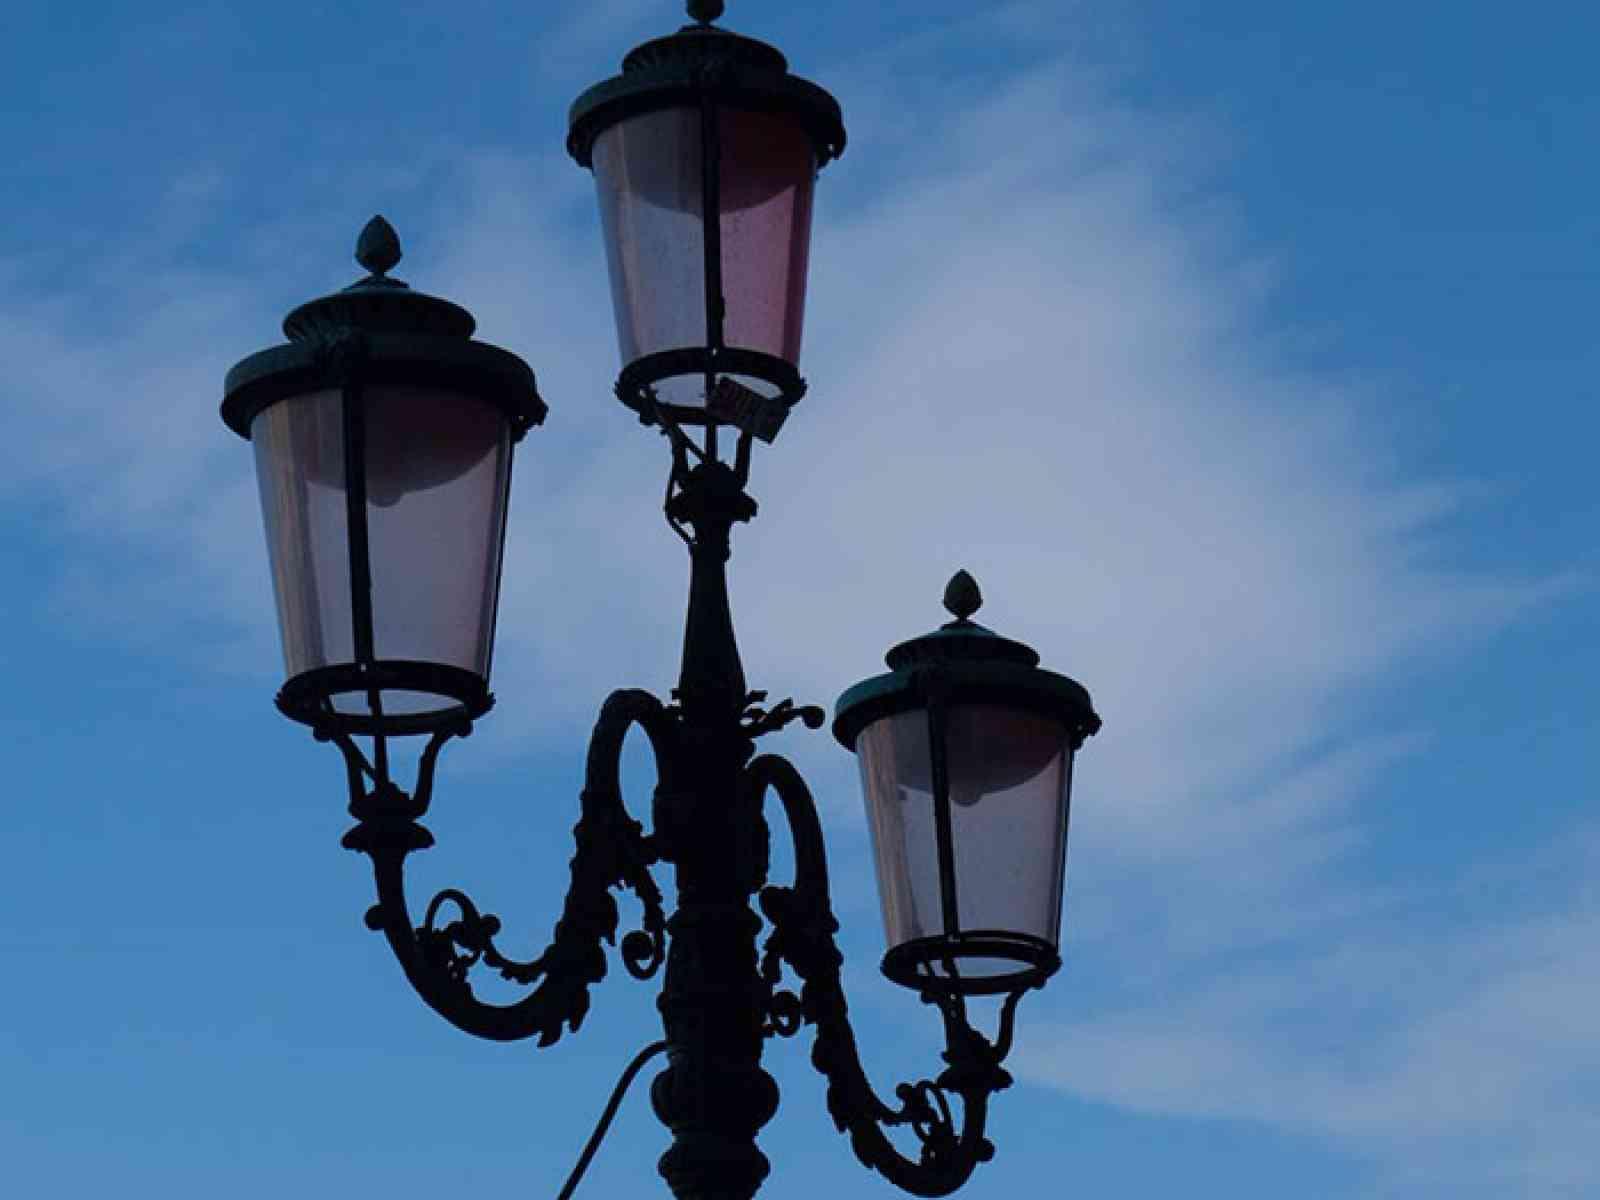 """Immagine articolo: S. Margherita, cittadini """"sentinelle"""" dell'illuminazione pubblica. Potranno contattare direttamente la  società che gestisce il serviz"""